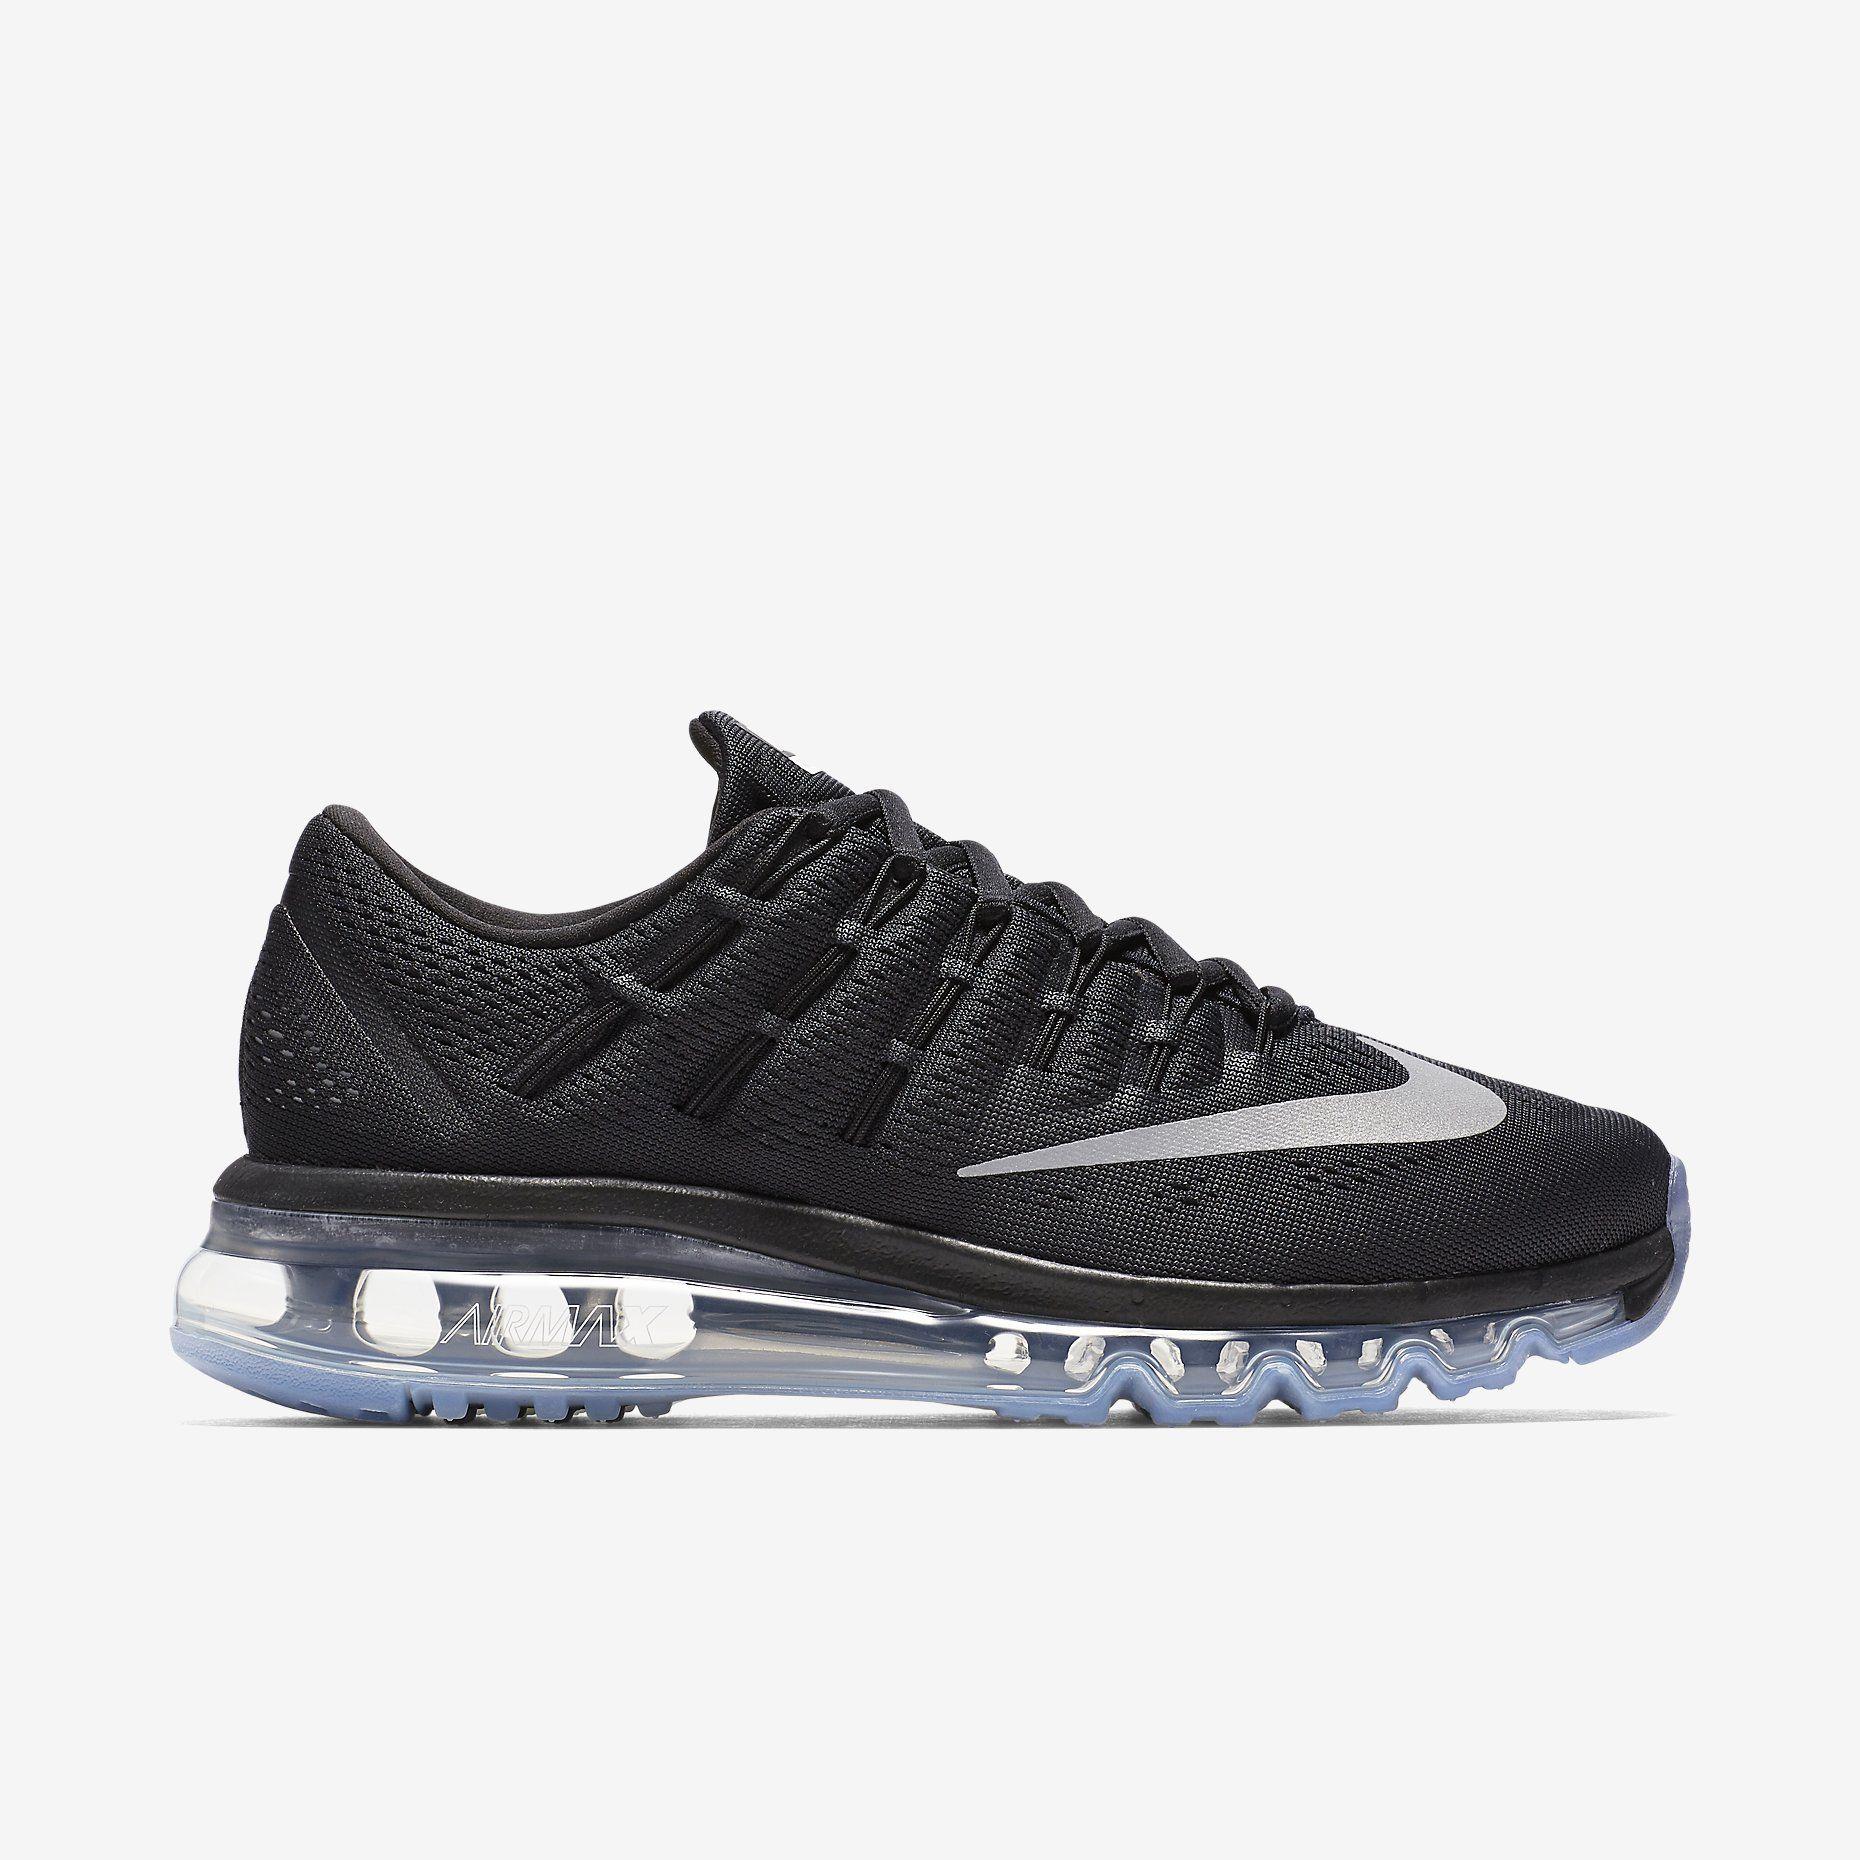 ce274aa9075c9 Découvrez toute la collection de chaussures, vêtements et équipements Nike  sur www.nike.com